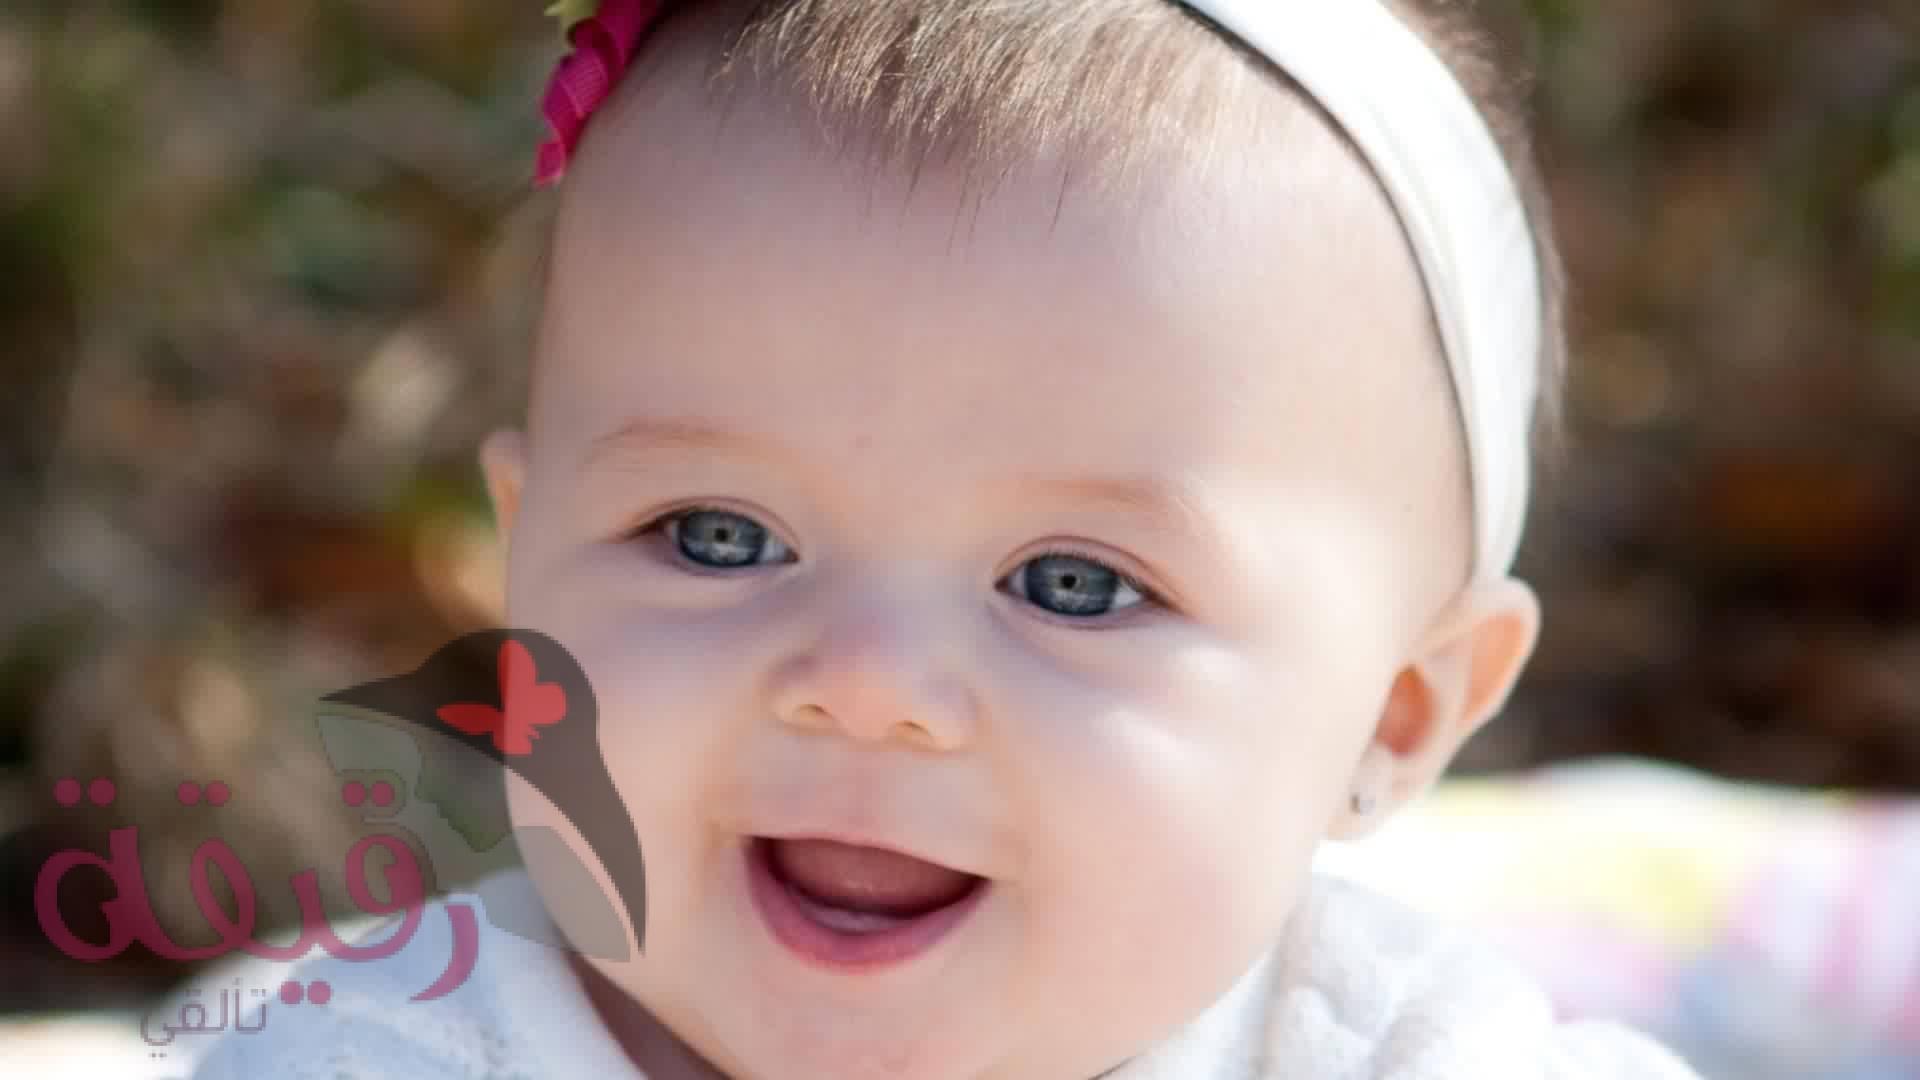 بالصور كلام عن براءة الاطفال , اجمل العبارات التي تصف براءة الاطفال 11472 6